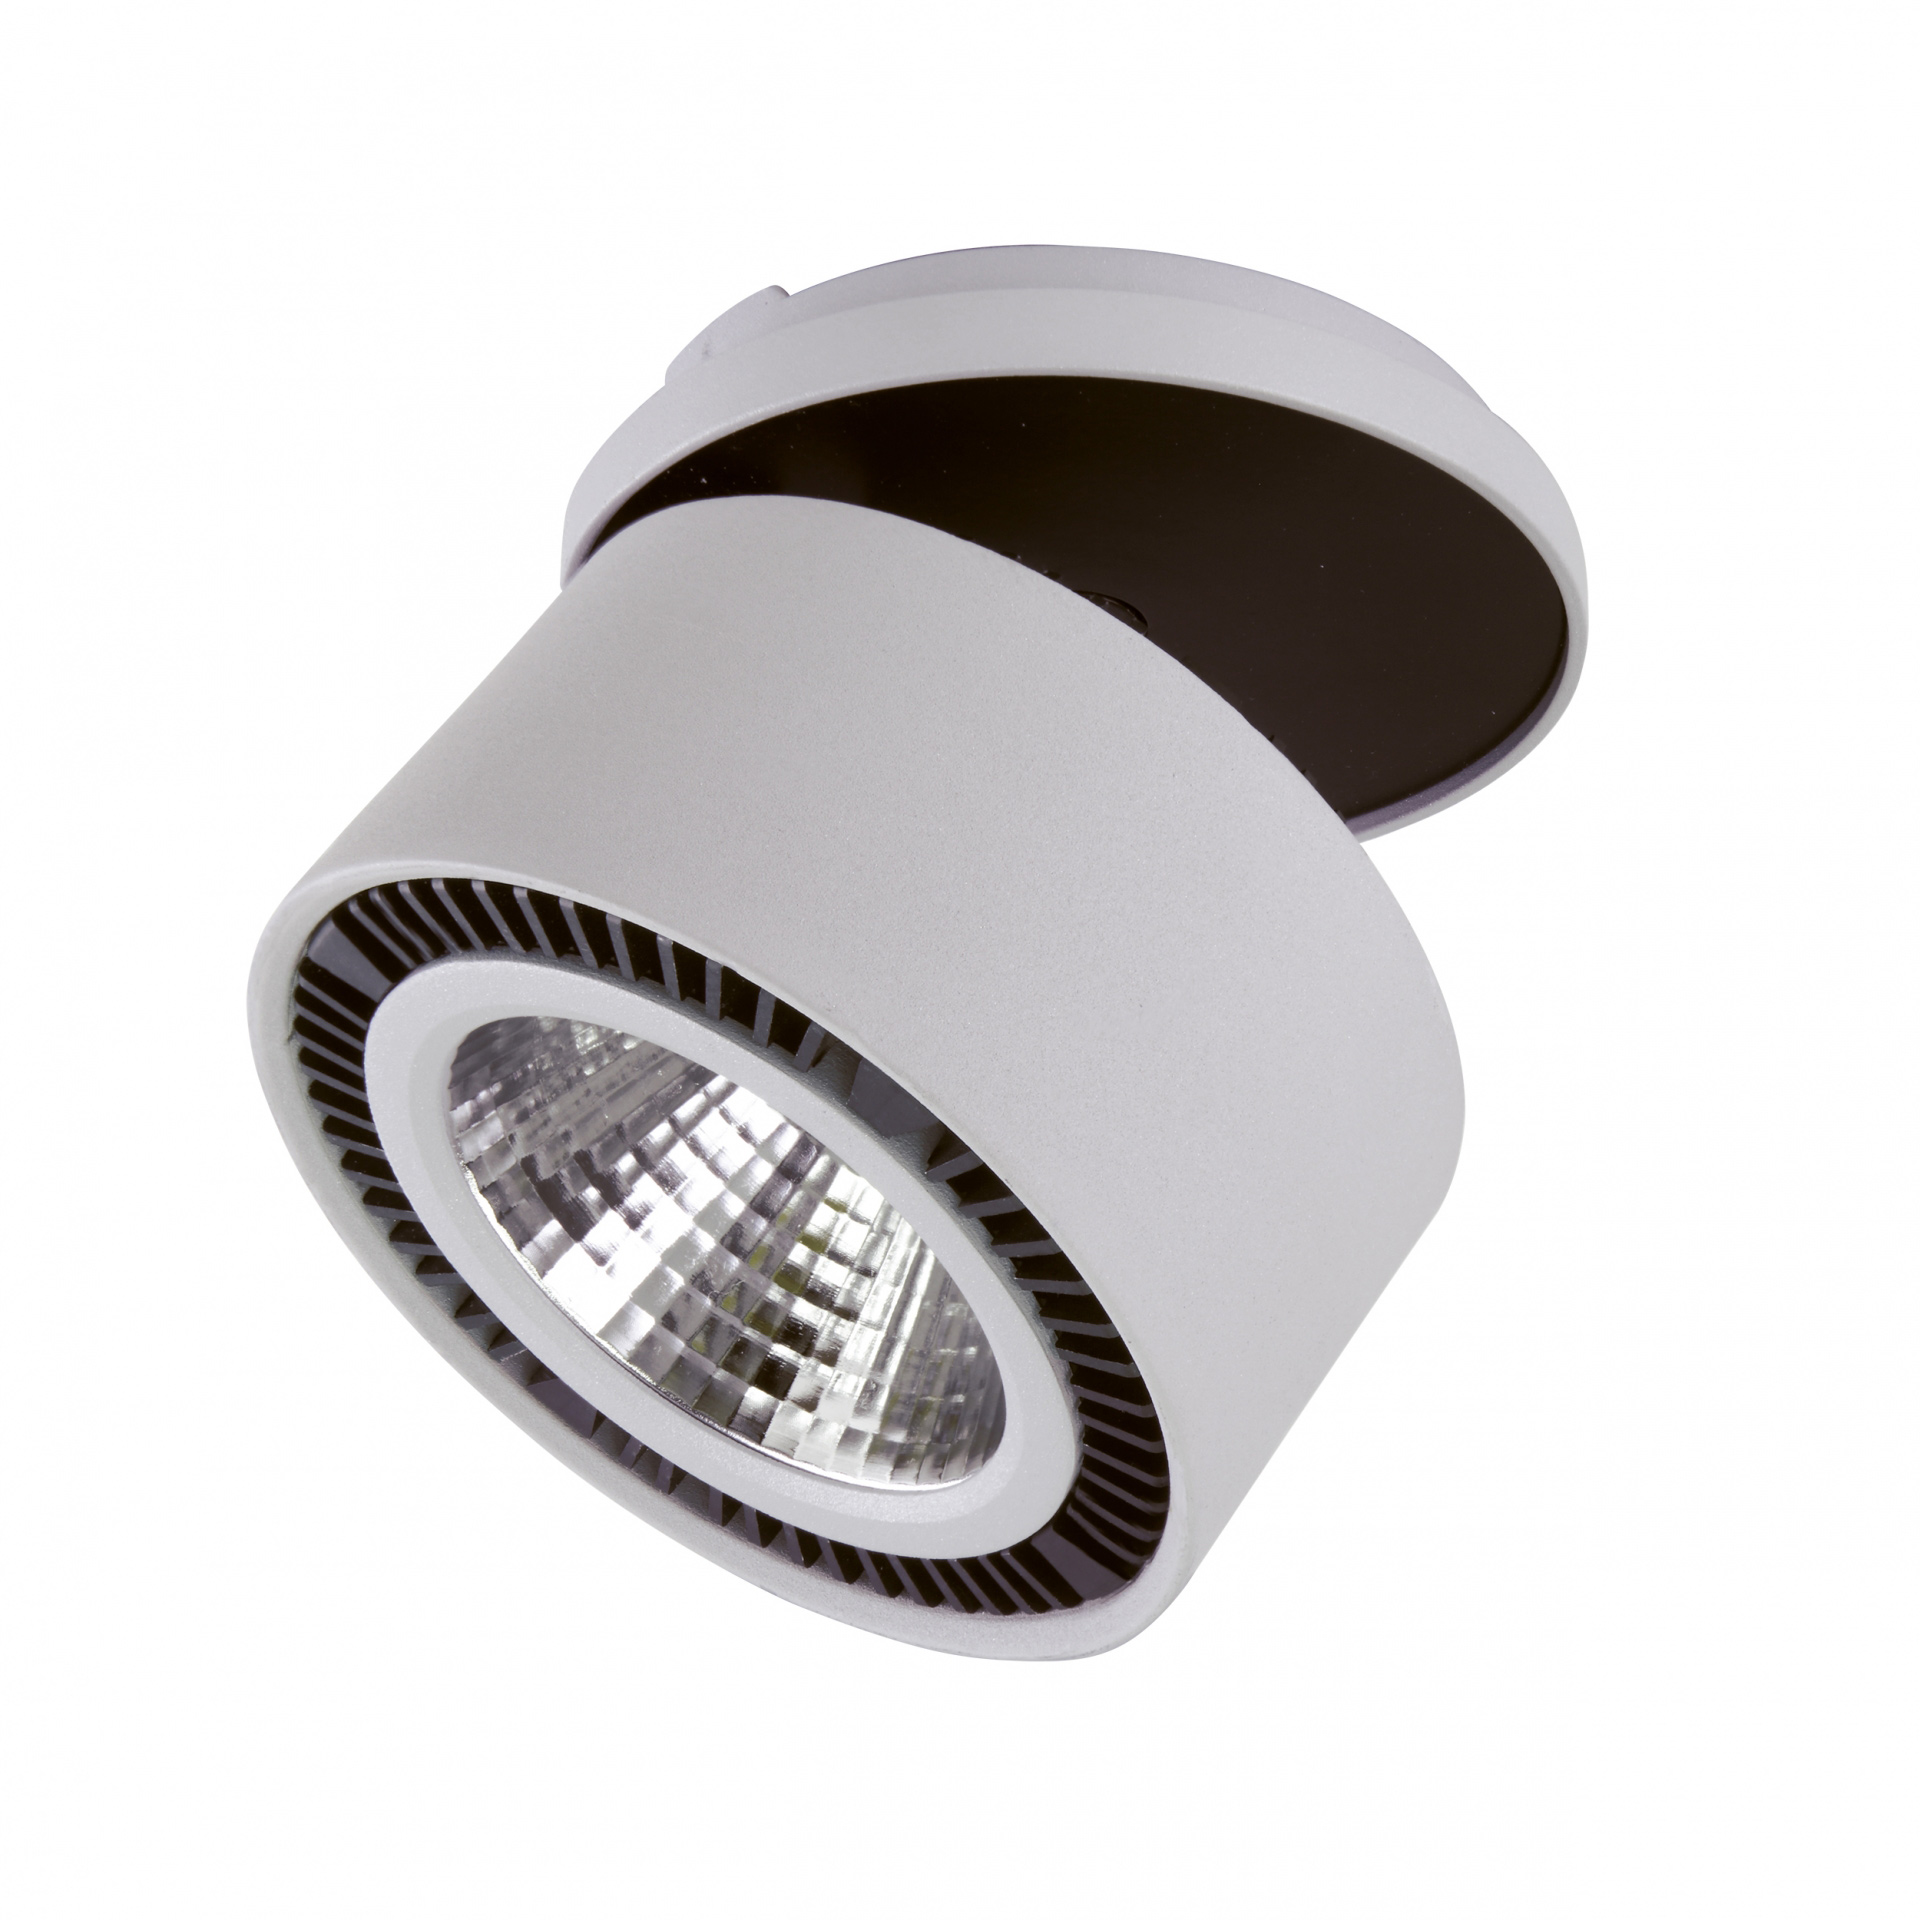 Светильник Forte inca LED 40W 3400LM 30G белый 4000K Lightstar 214840, купить в СПб, Москве, с доставкой, Санкт-Петербург, интернет-магазин люстр и светильников Starlight, фото в жизни